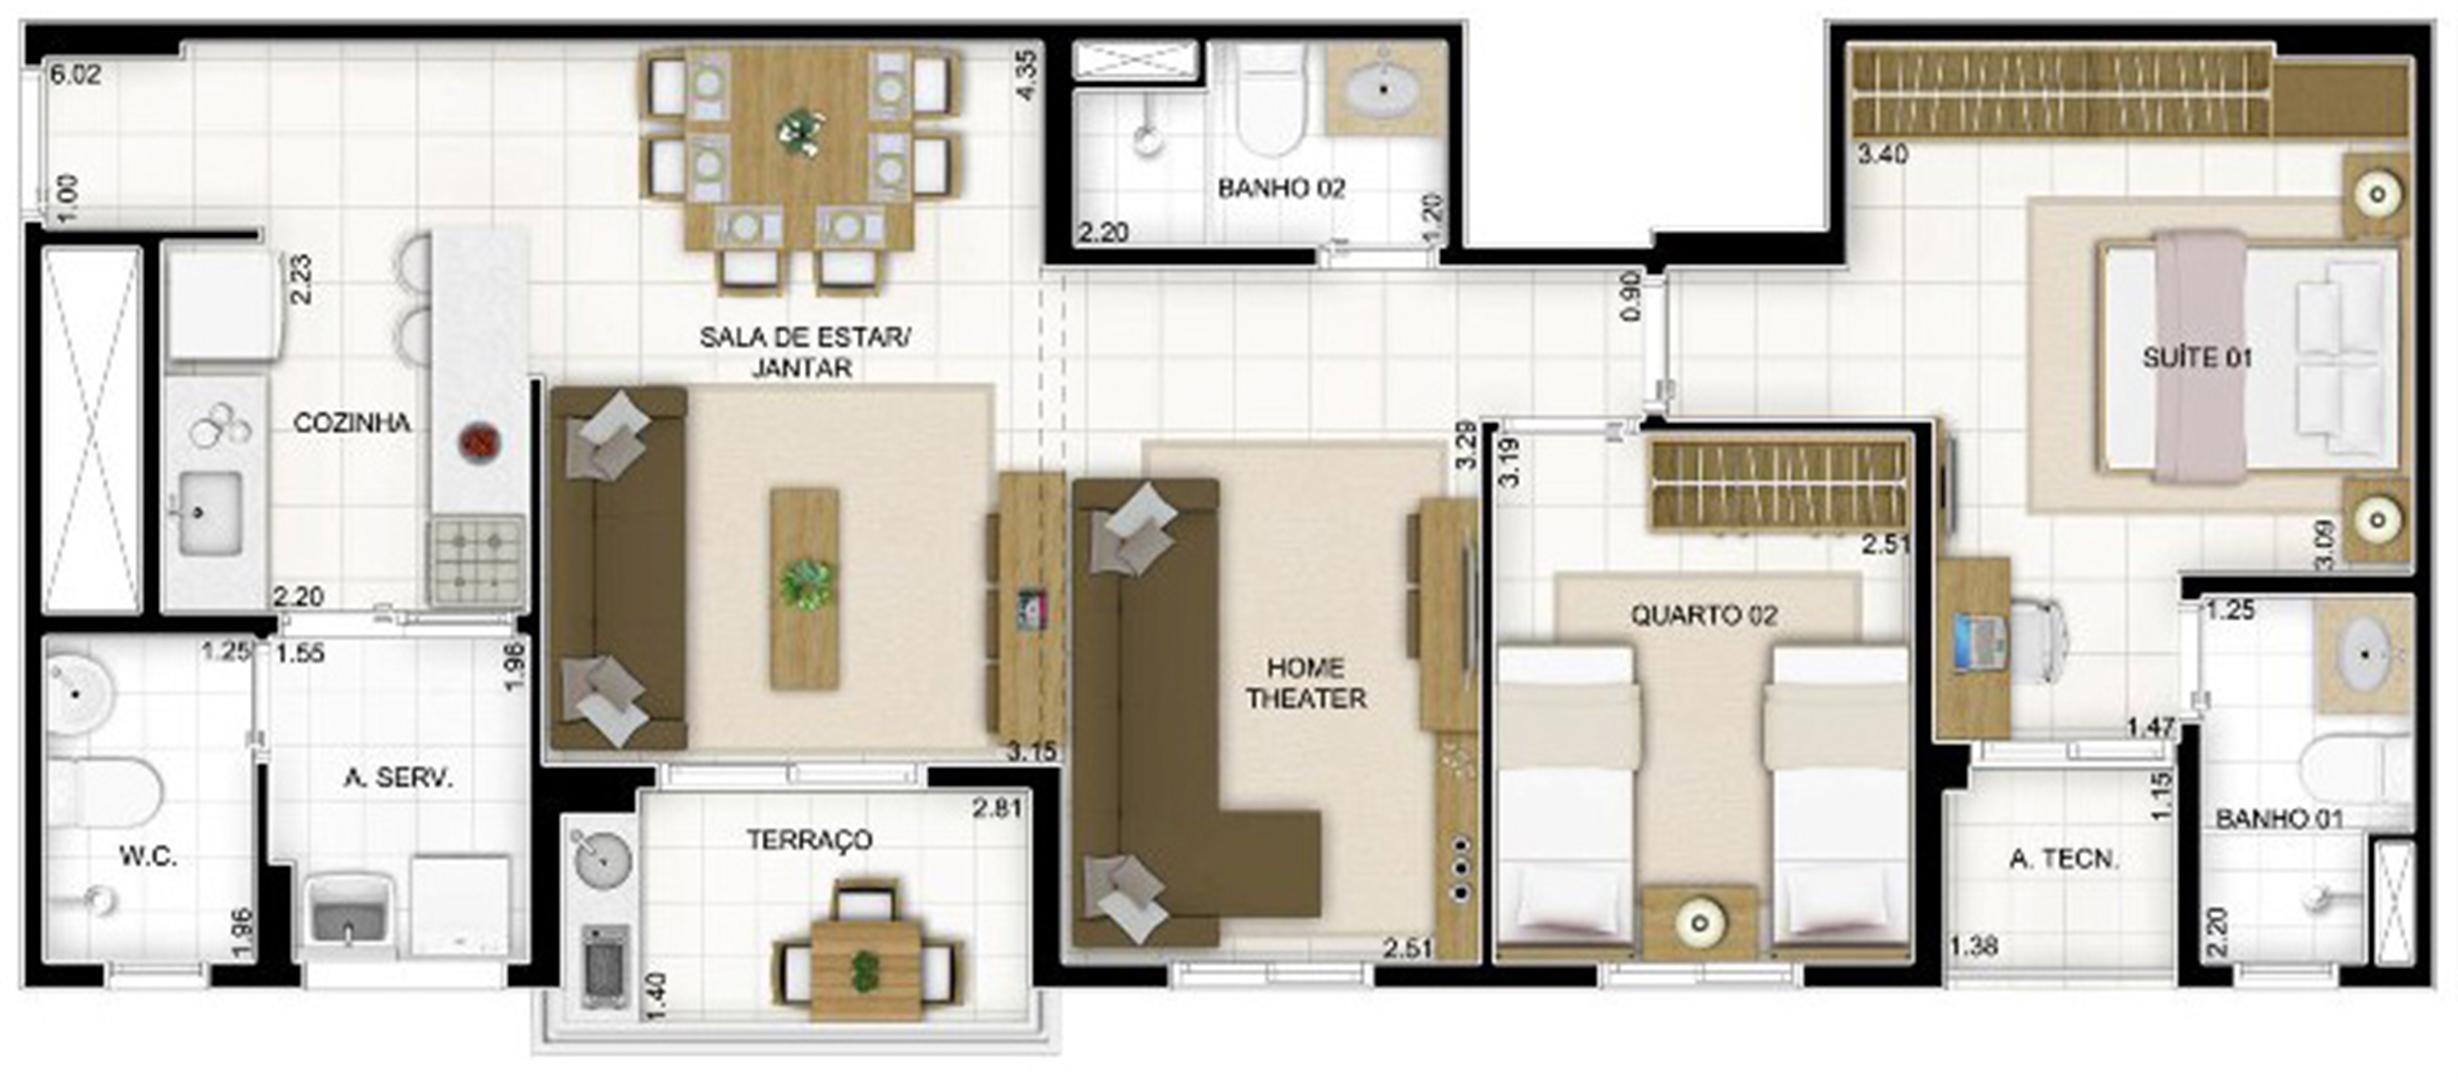 Planta 3 quartos Sala Ampliada | Quartier Lagoa Nova – Apartamento na  Lagoa Nova - Natal - Rio Grande do Norte